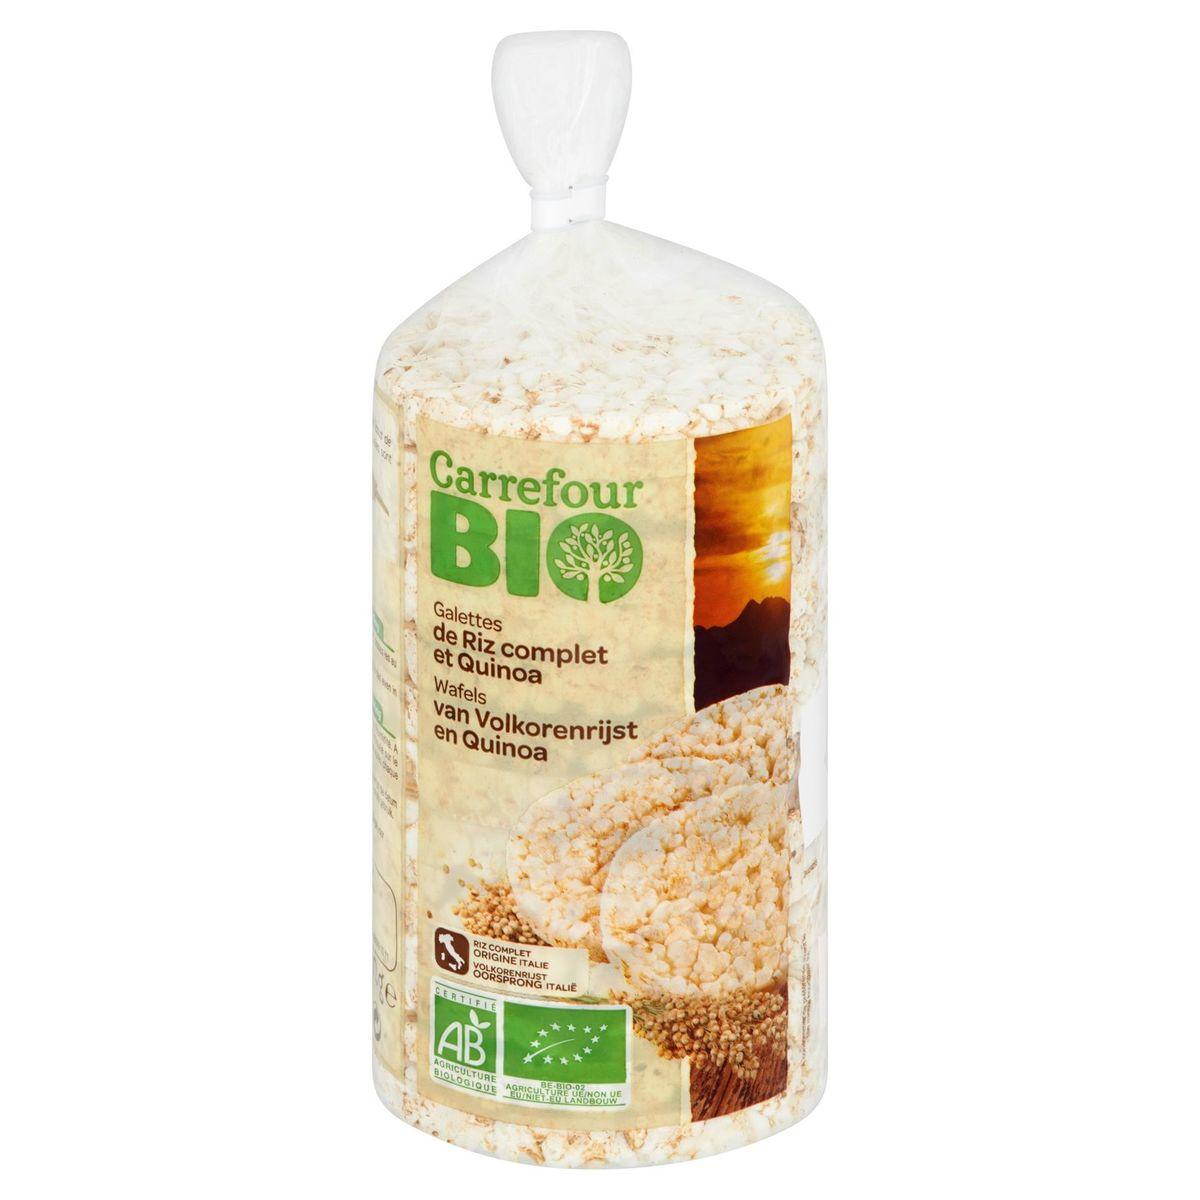 Carrefour Bio Wafels van Volkorenrijst en Quinoa 100 g